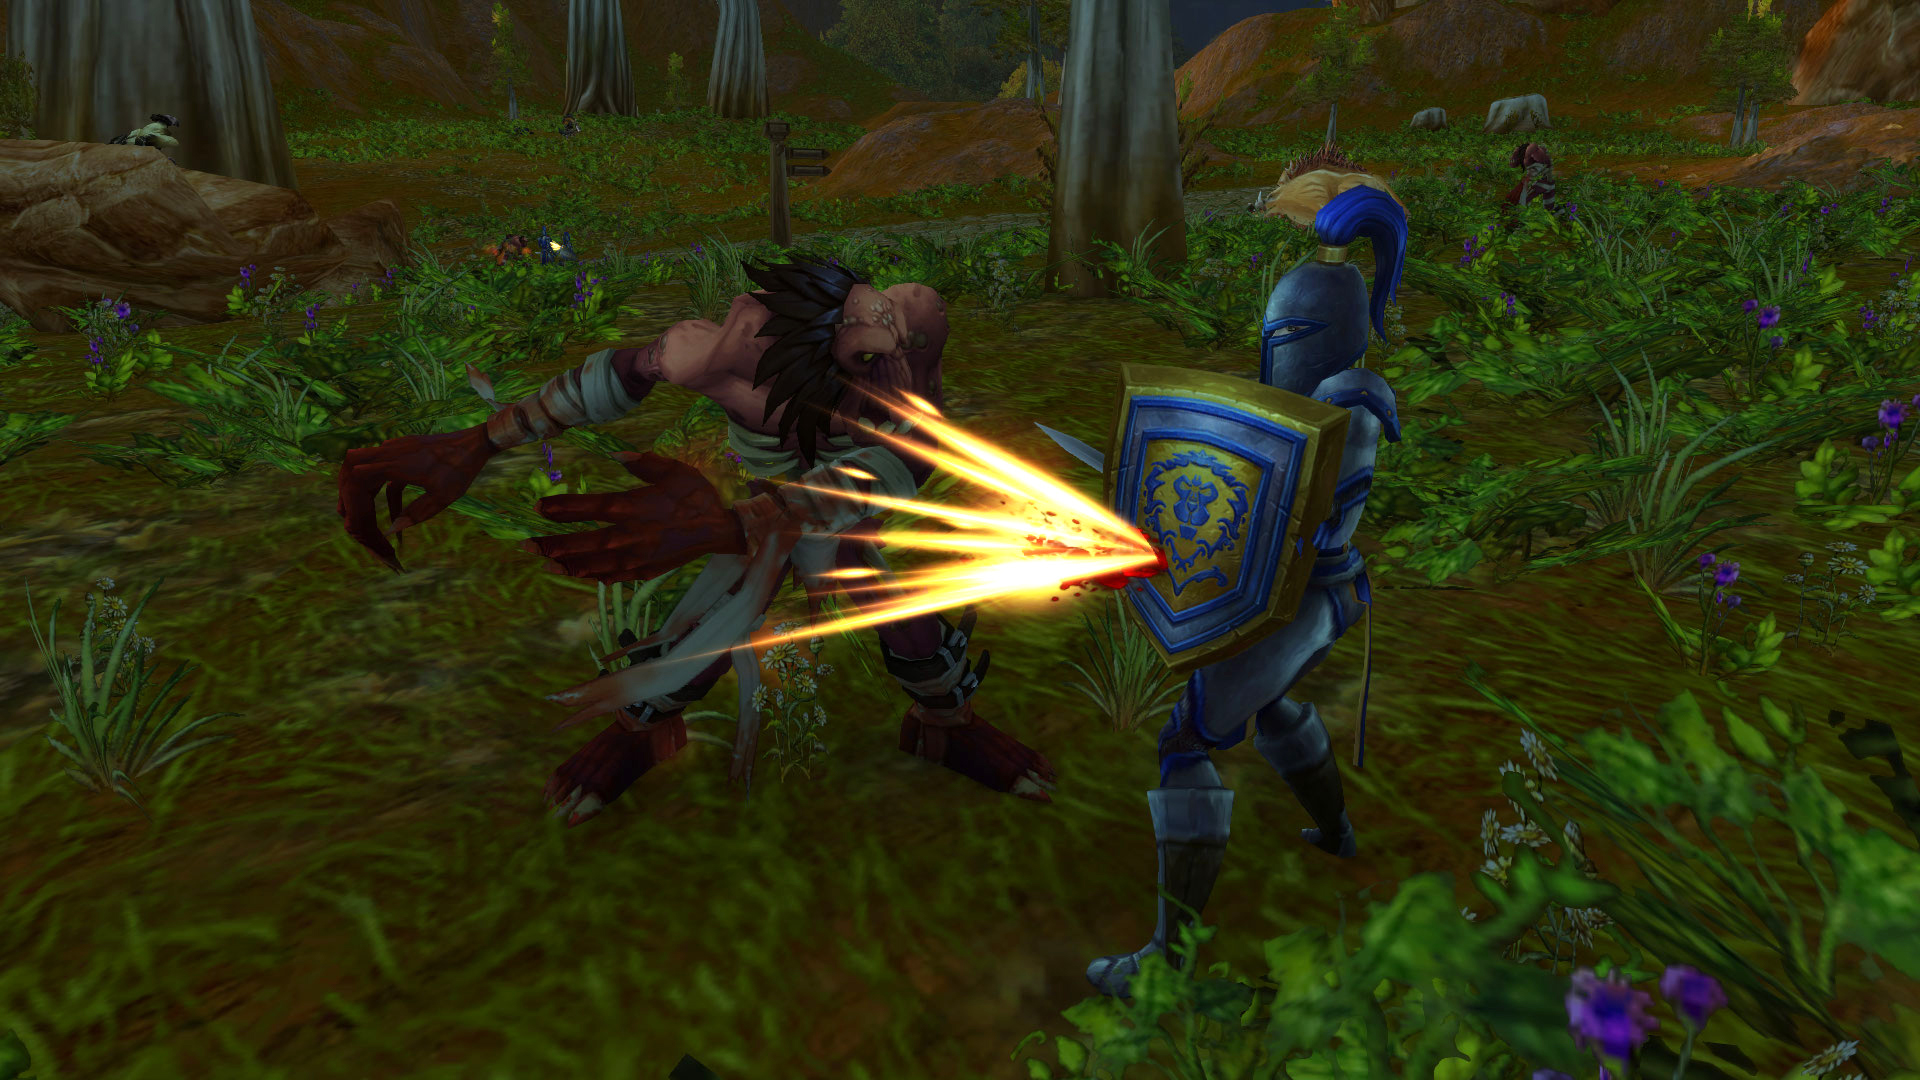 Patch 9.0 : Le Fléau a pris d'assaut les Carmines dans les Royaumes de l'Est